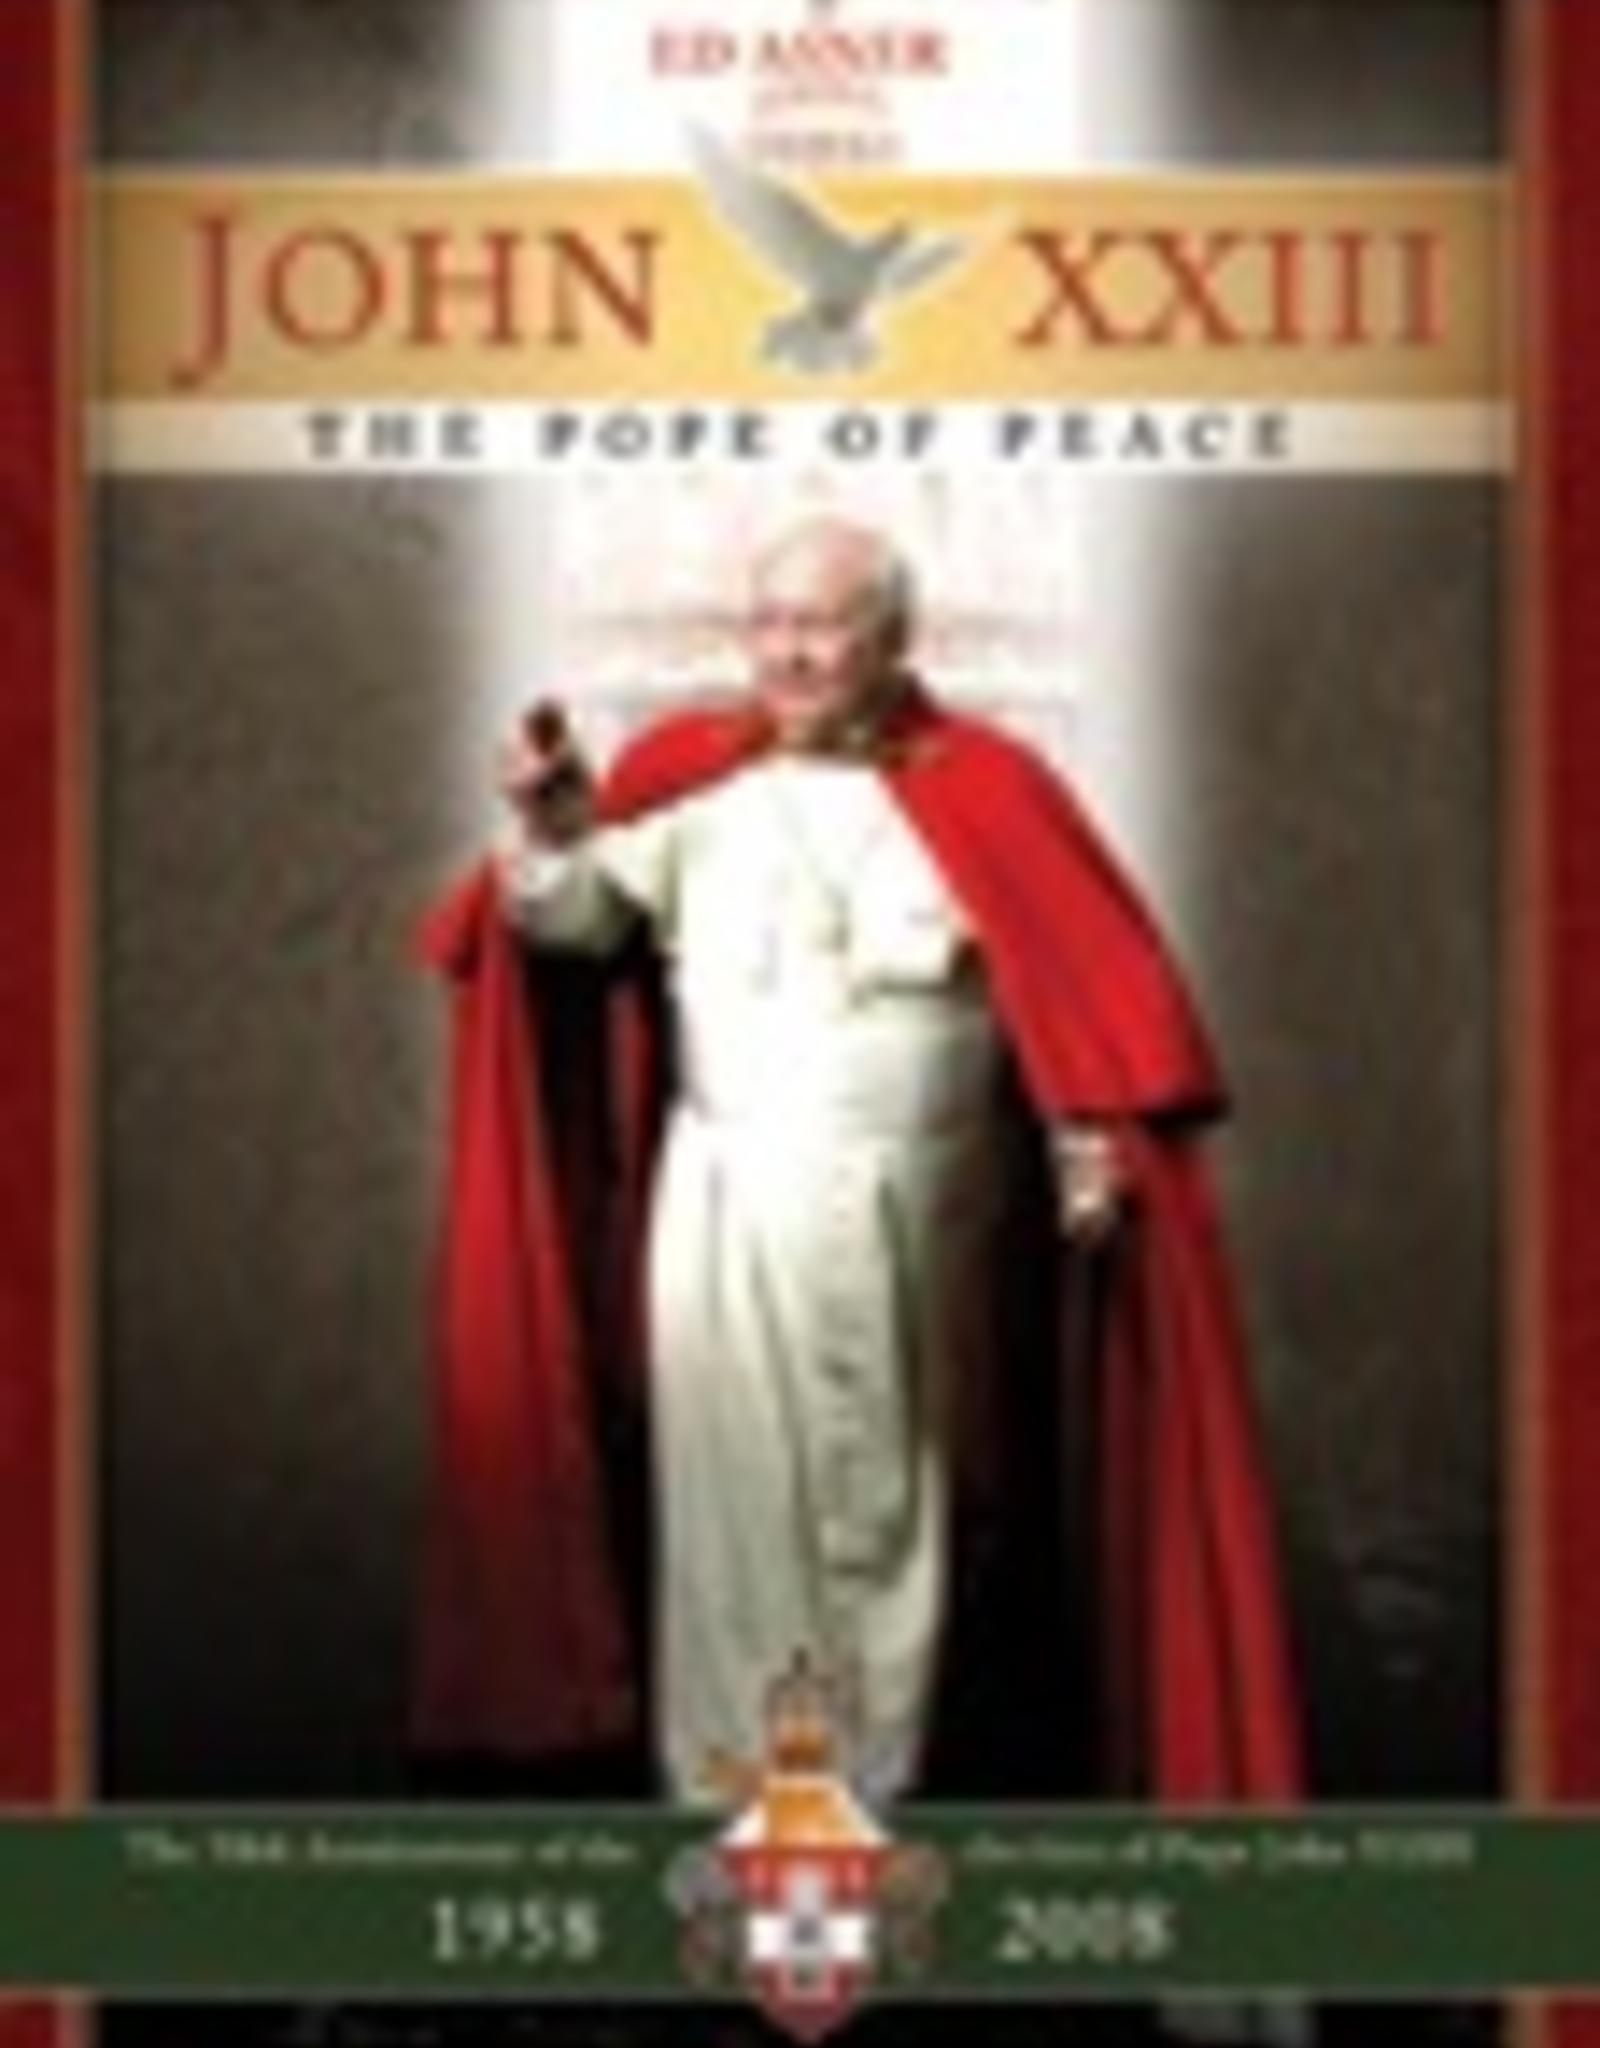 Ignatius Press John XXIII (DVD)